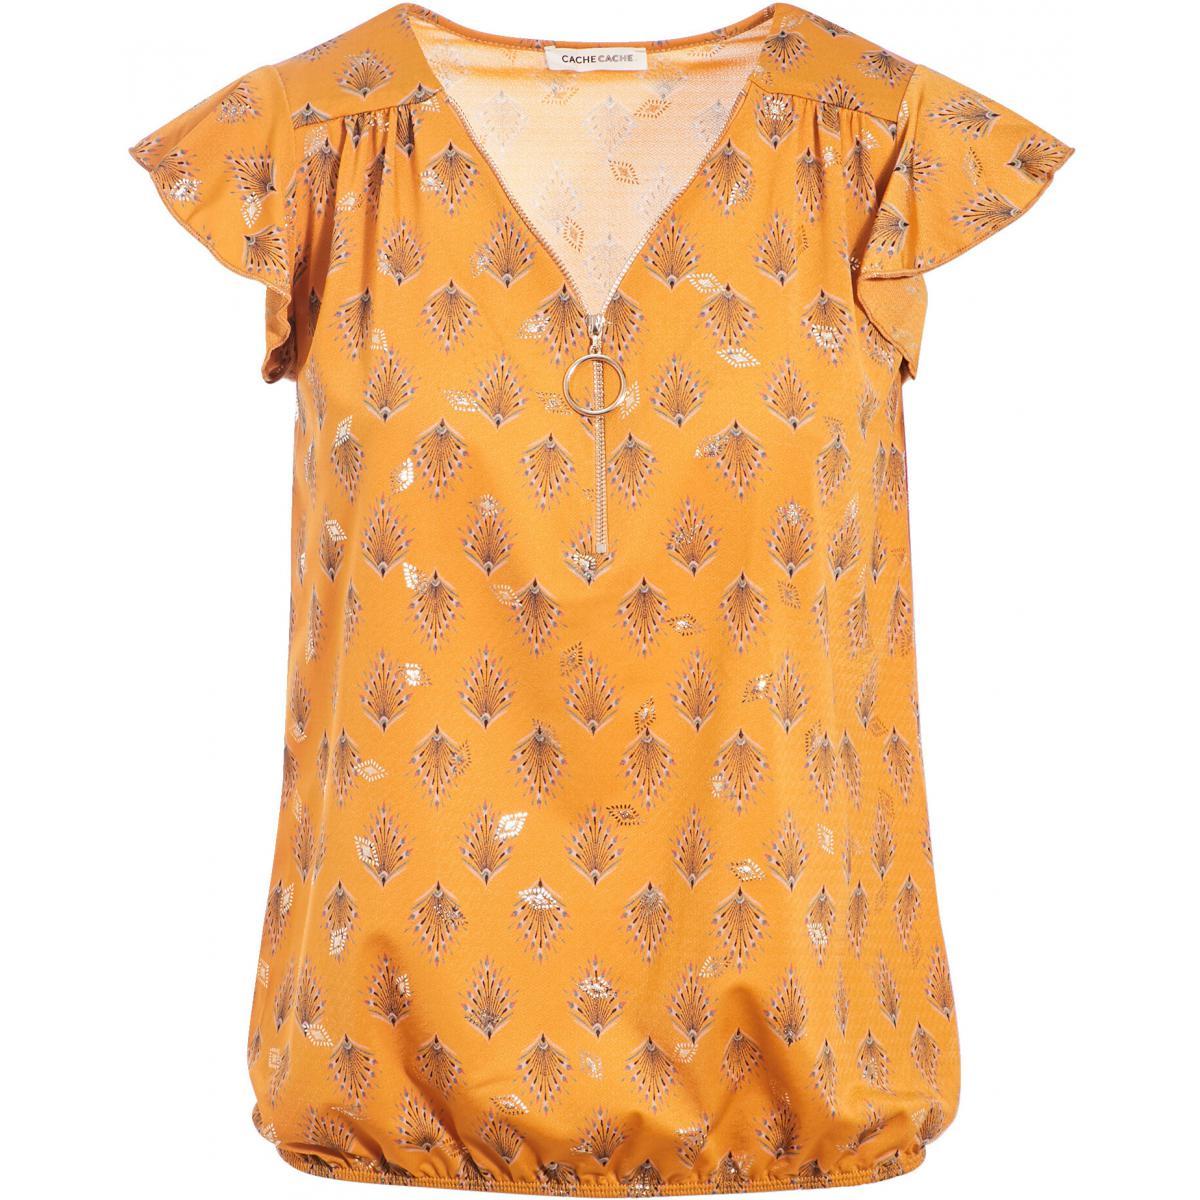 T-shirt manches courtes - Cache cache - Modalova